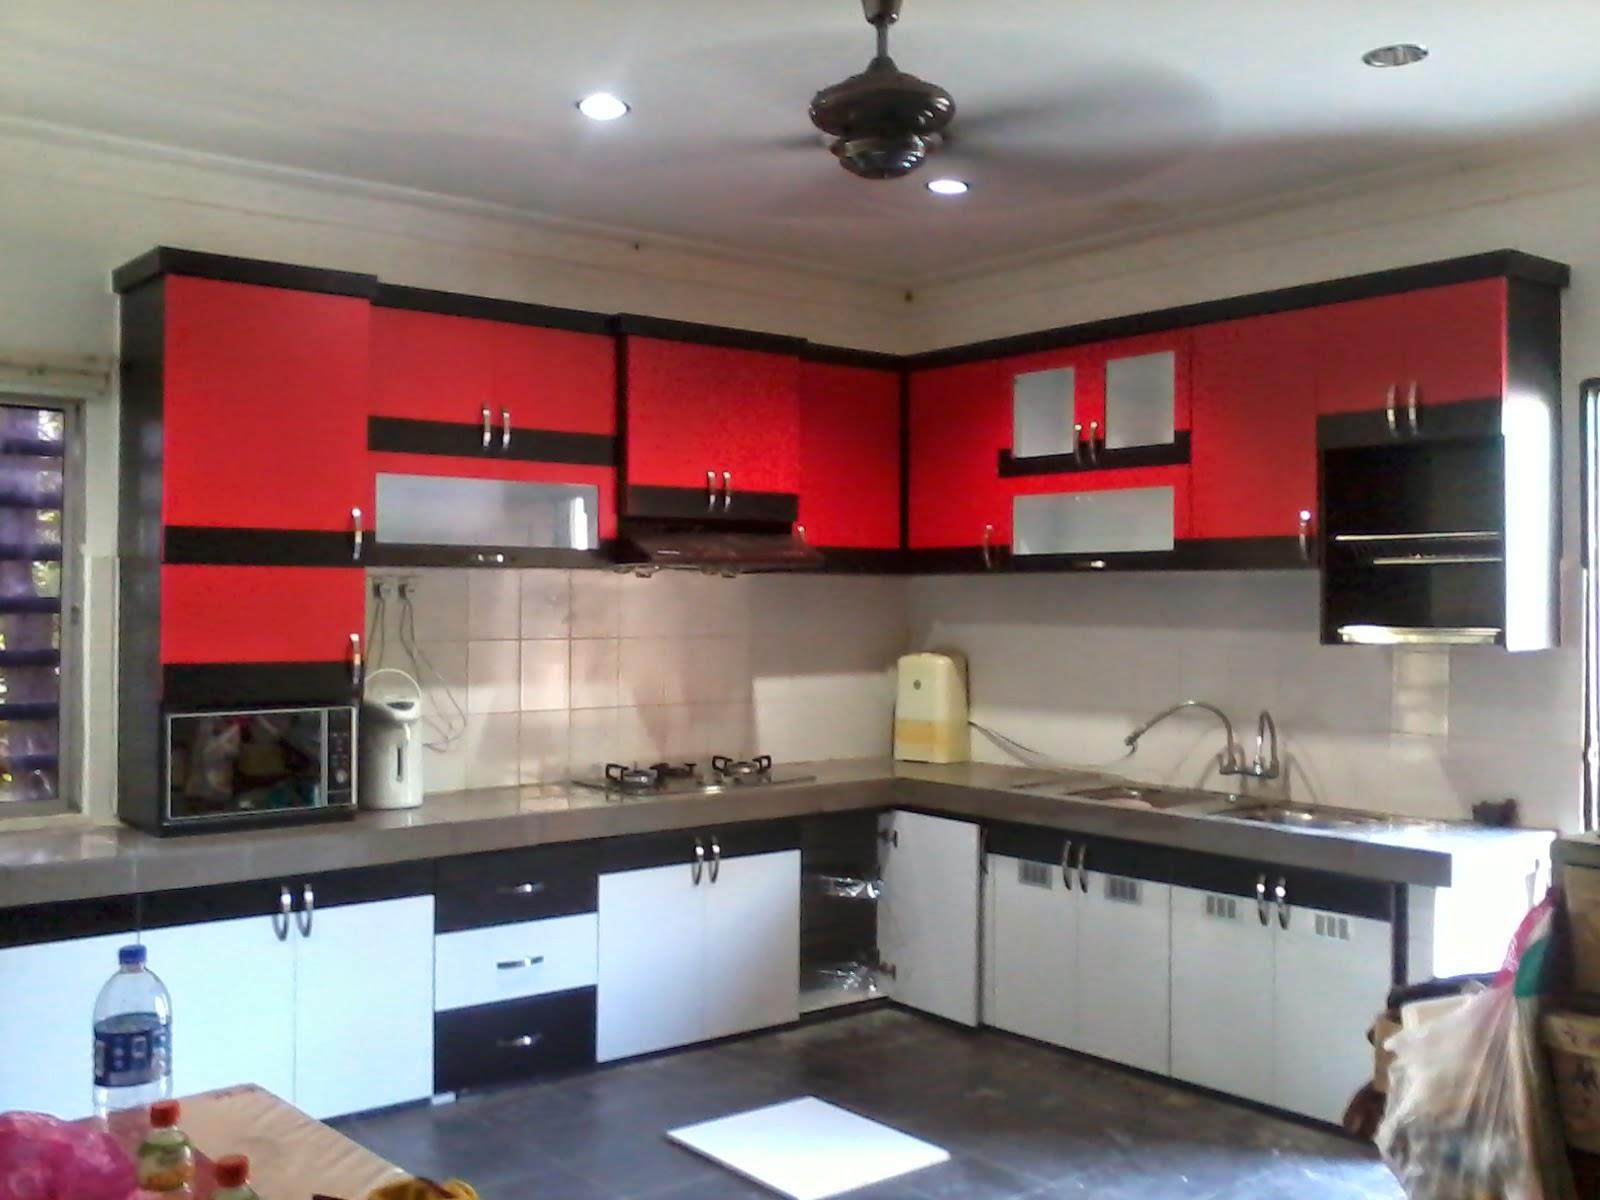 Kabinet Dapur Daripada Kemasan Formica Yang Berwana Merah Gloss Beserta Lining Hitam Dan Ruang Bagi Meletak Oven Manakala Bawah